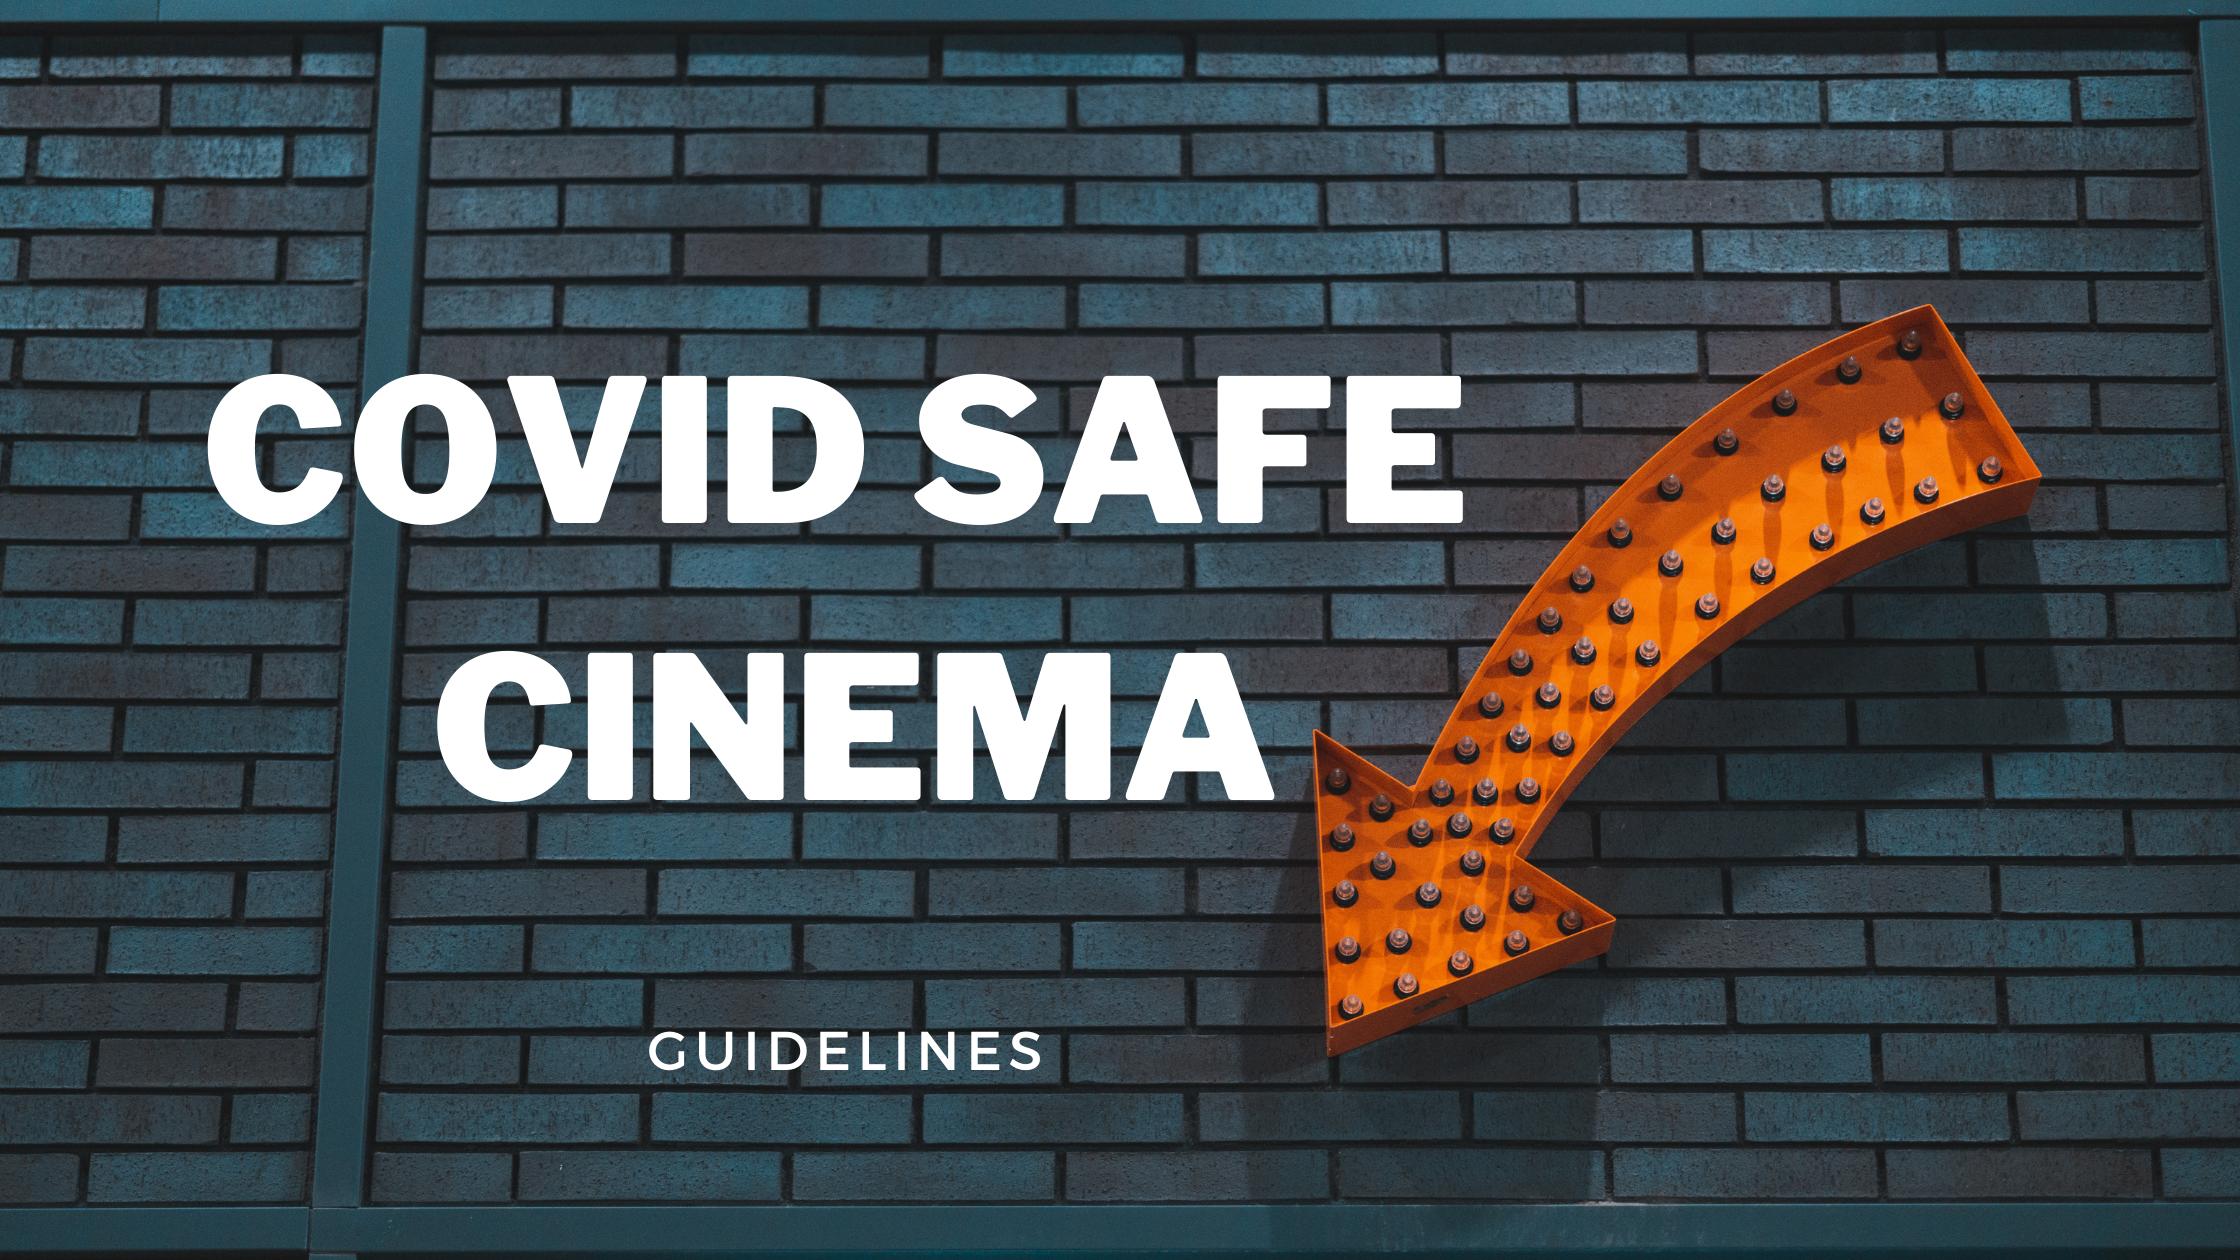 Covid Safe Cinema